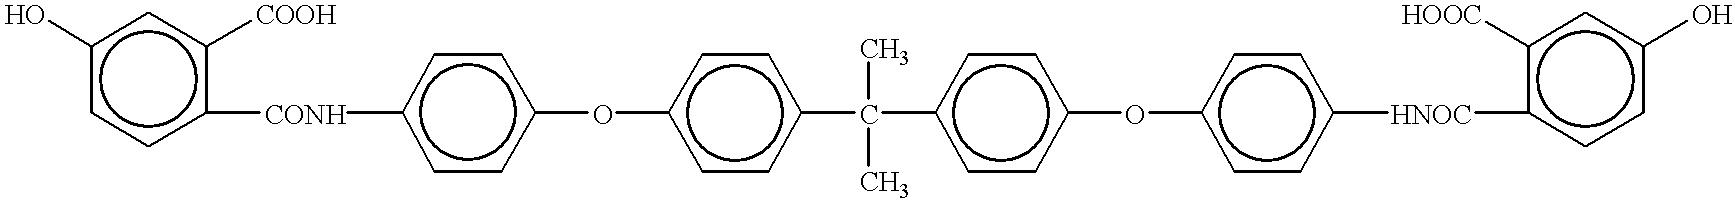 Figure US06180560-20010130-C00534